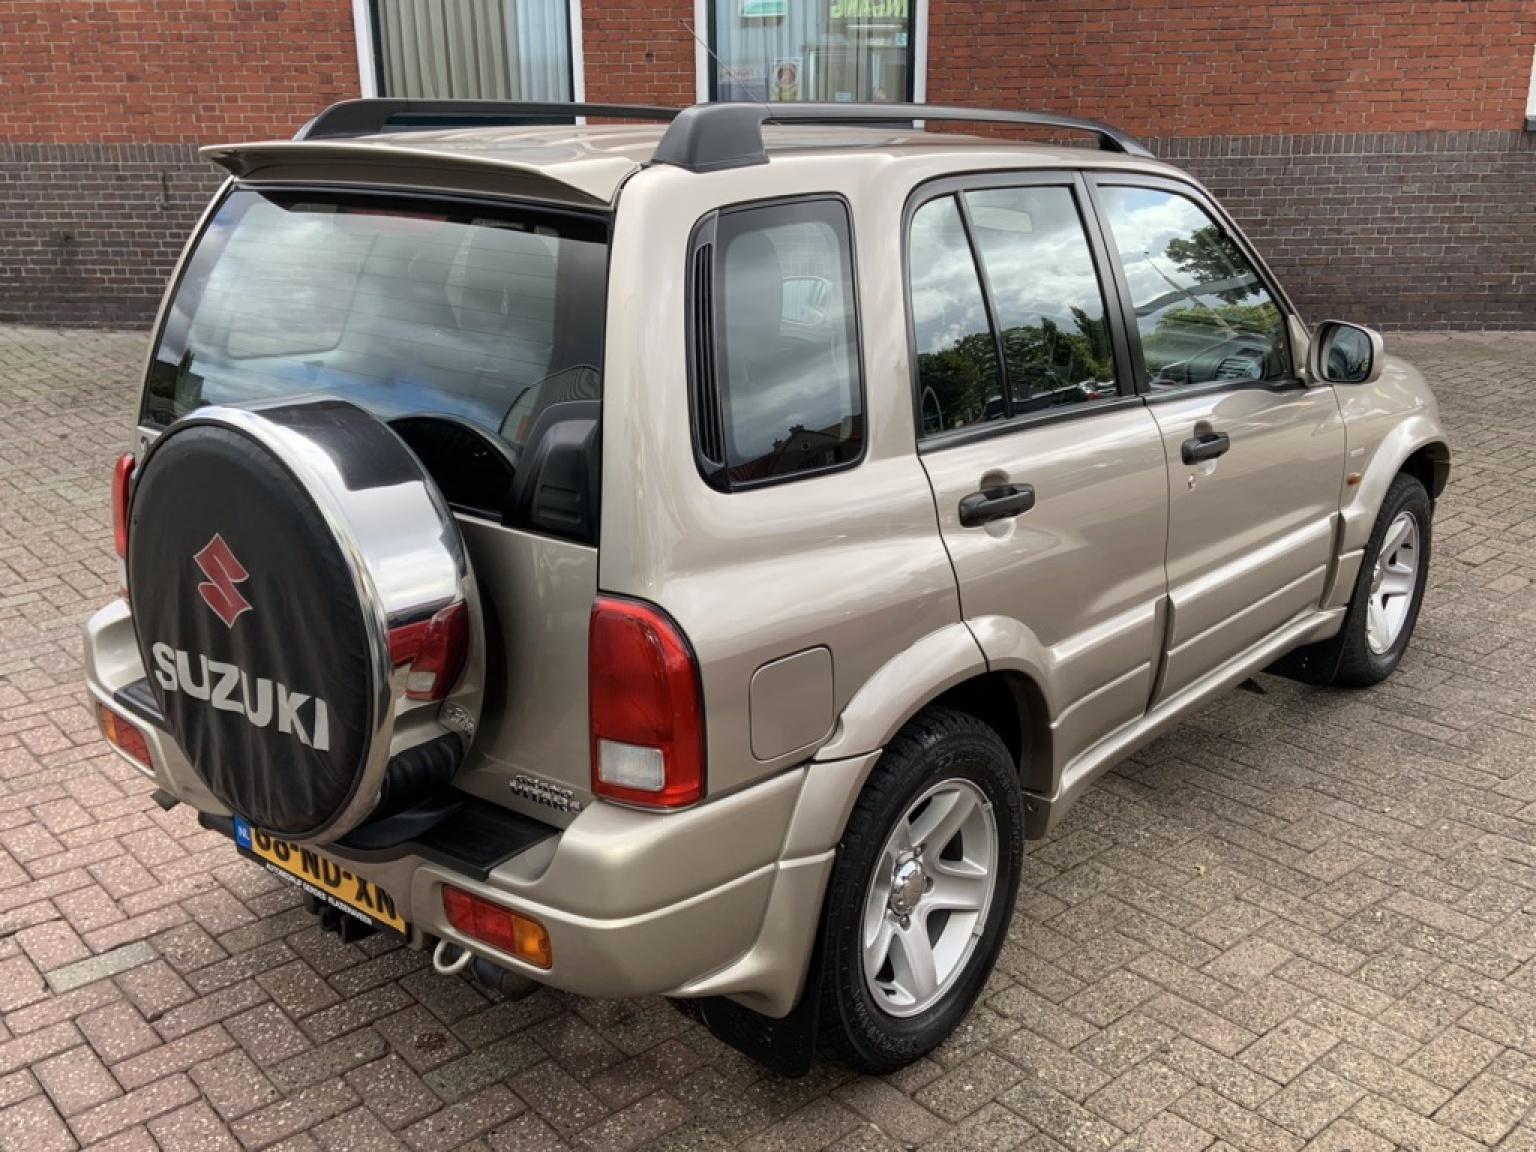 Suzuki-Grand Vitara-12